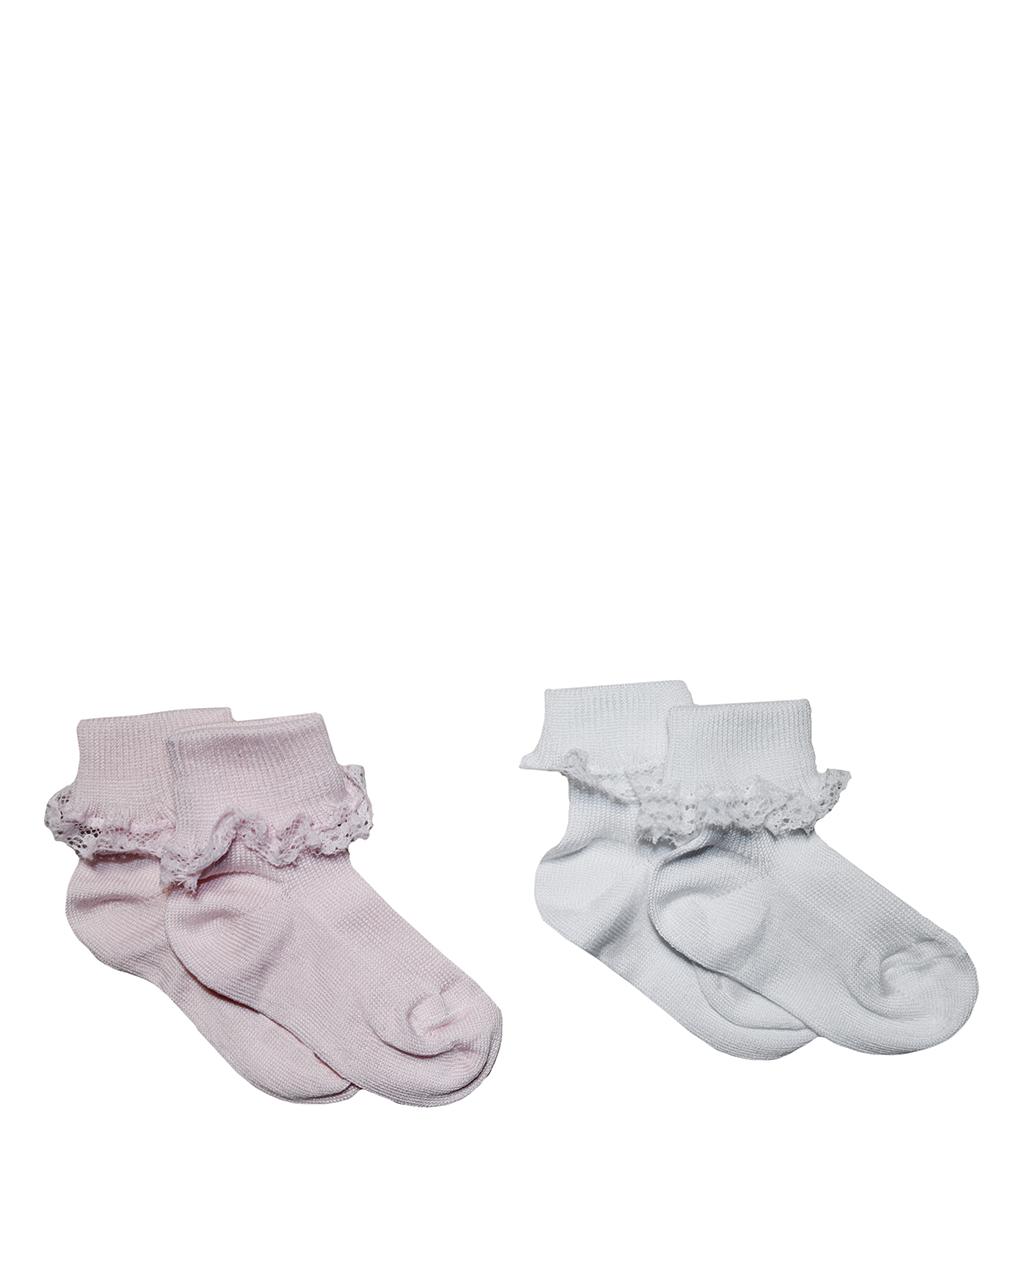 Pacote de 2 pares de meias com renda - Prénatal